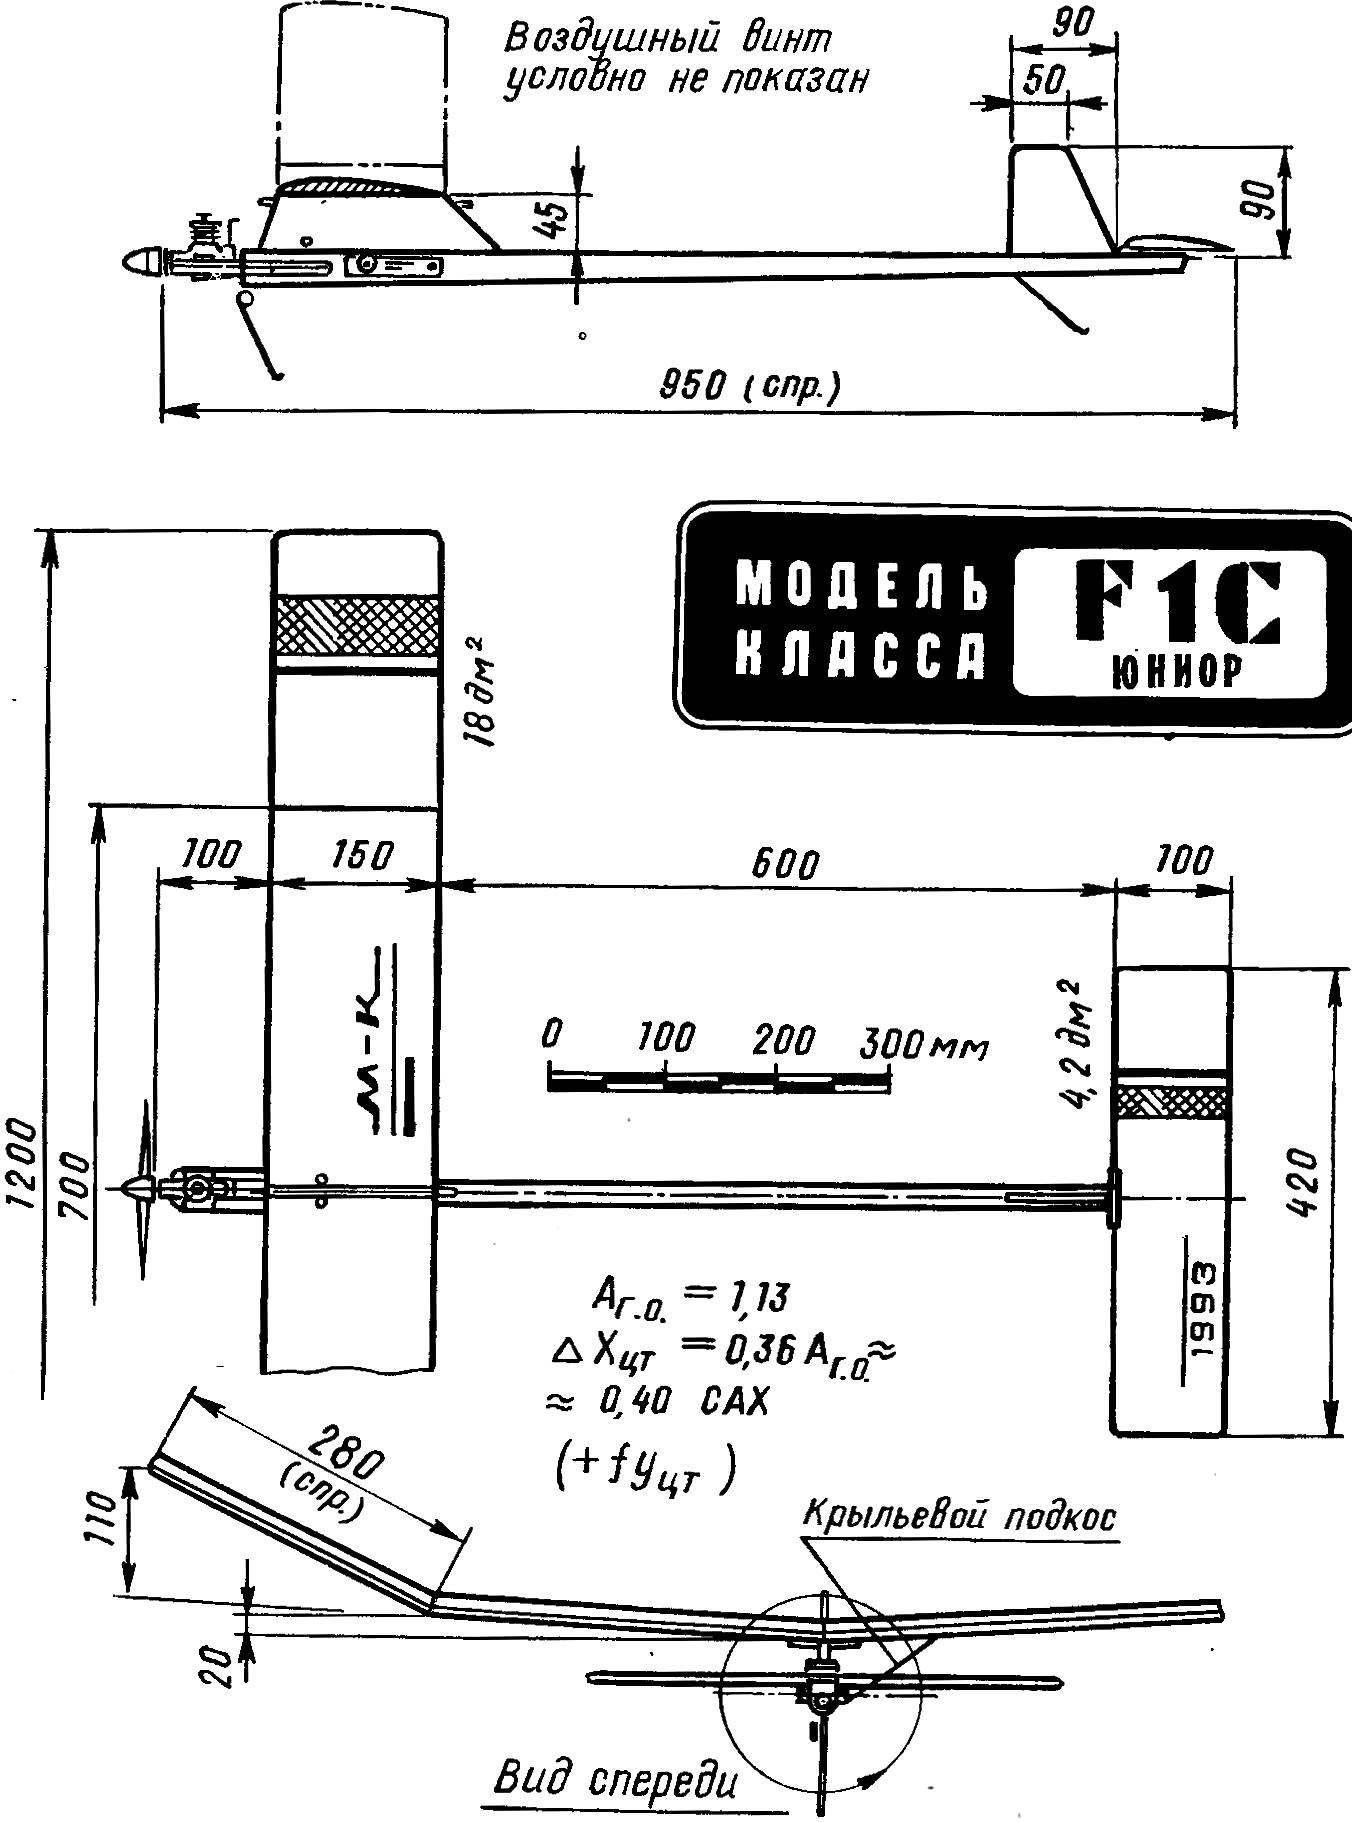 Основные геометрические параметры таймерной модели «школьного» класса с двигателем рабочим объемом 1,5 см3.